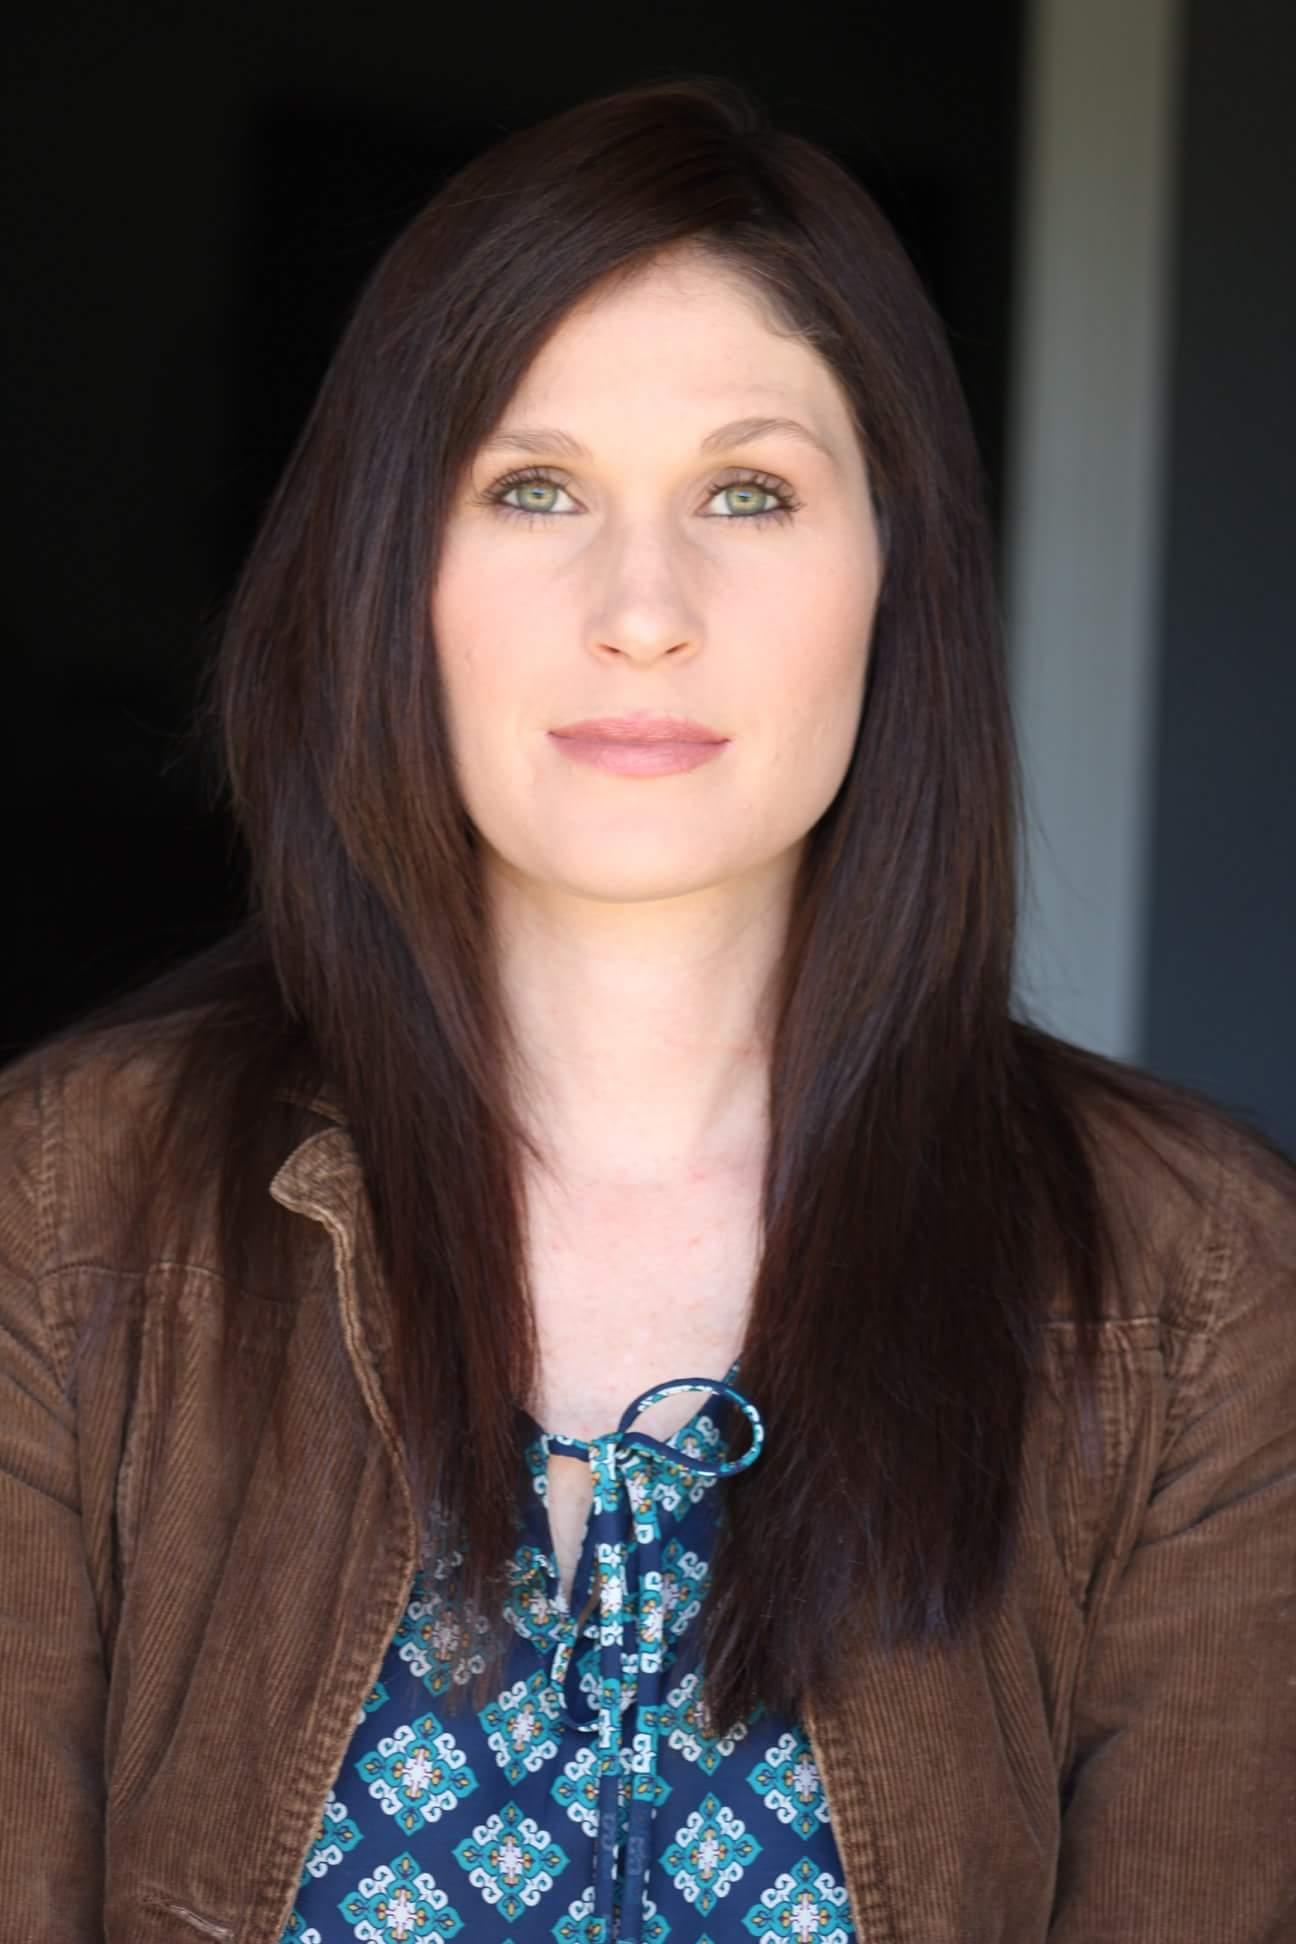 Neeona Neal